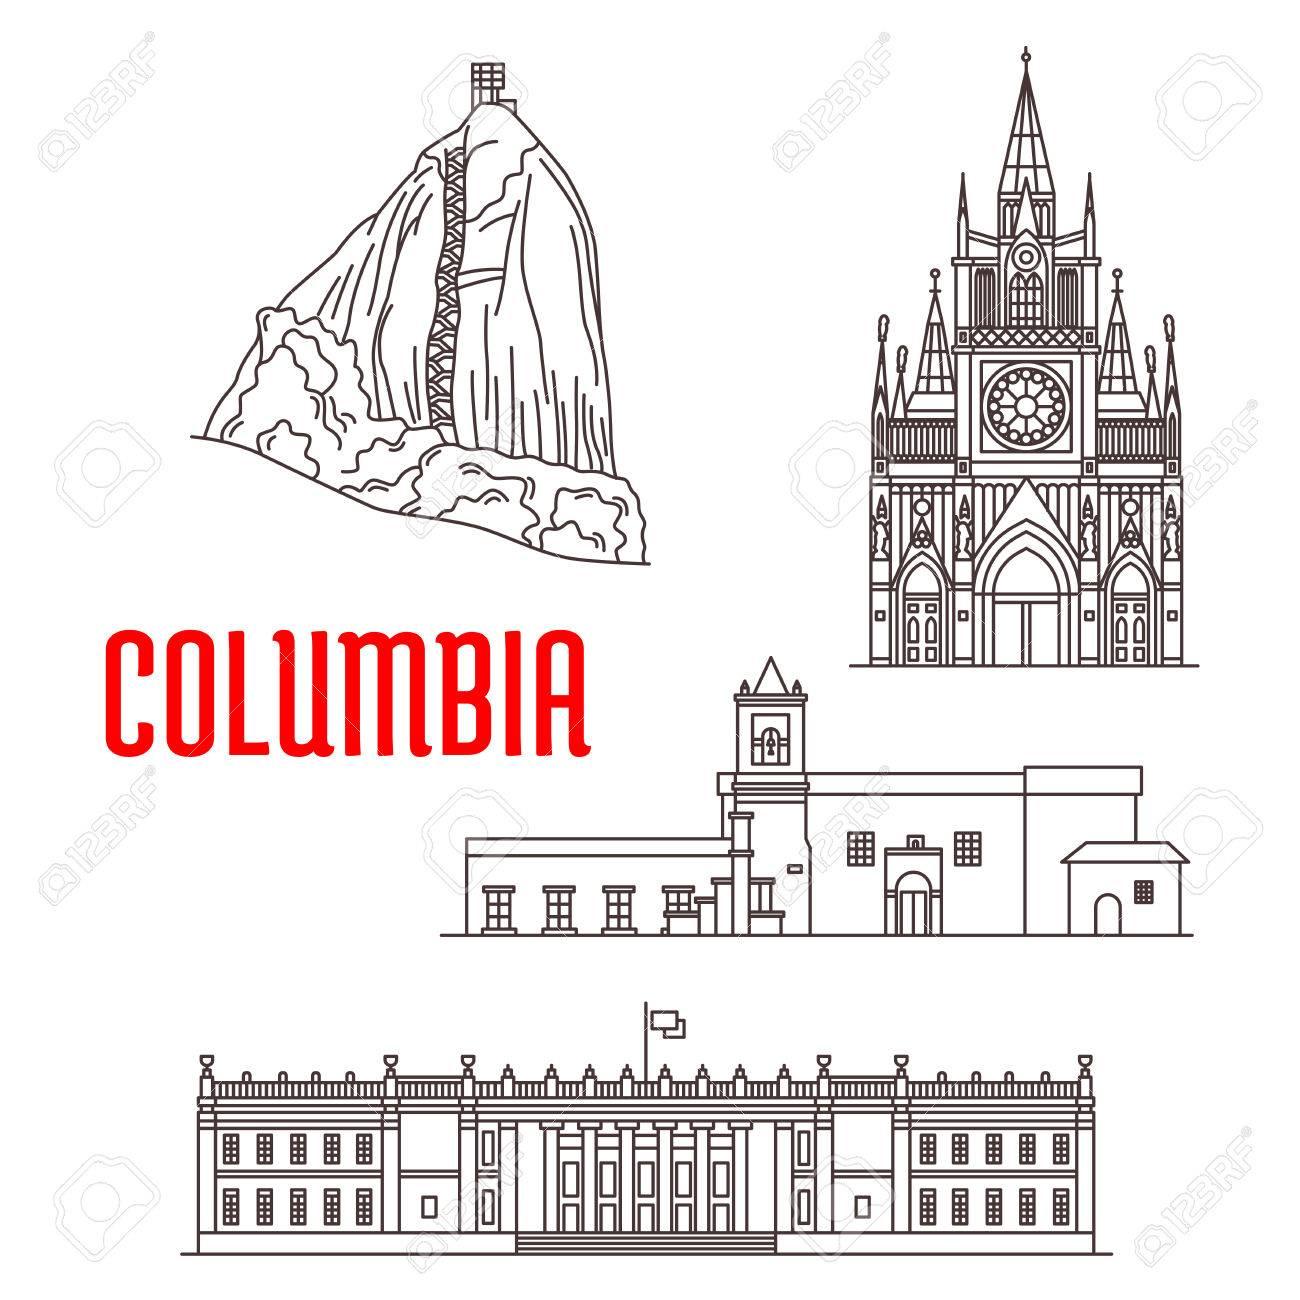 Colombia Piedra Del Peñol Roca Iglesia De La Iglesia De La Merced Santuario De Las Lajas Colombia Capitol Lugares De Interés Turístico Y La